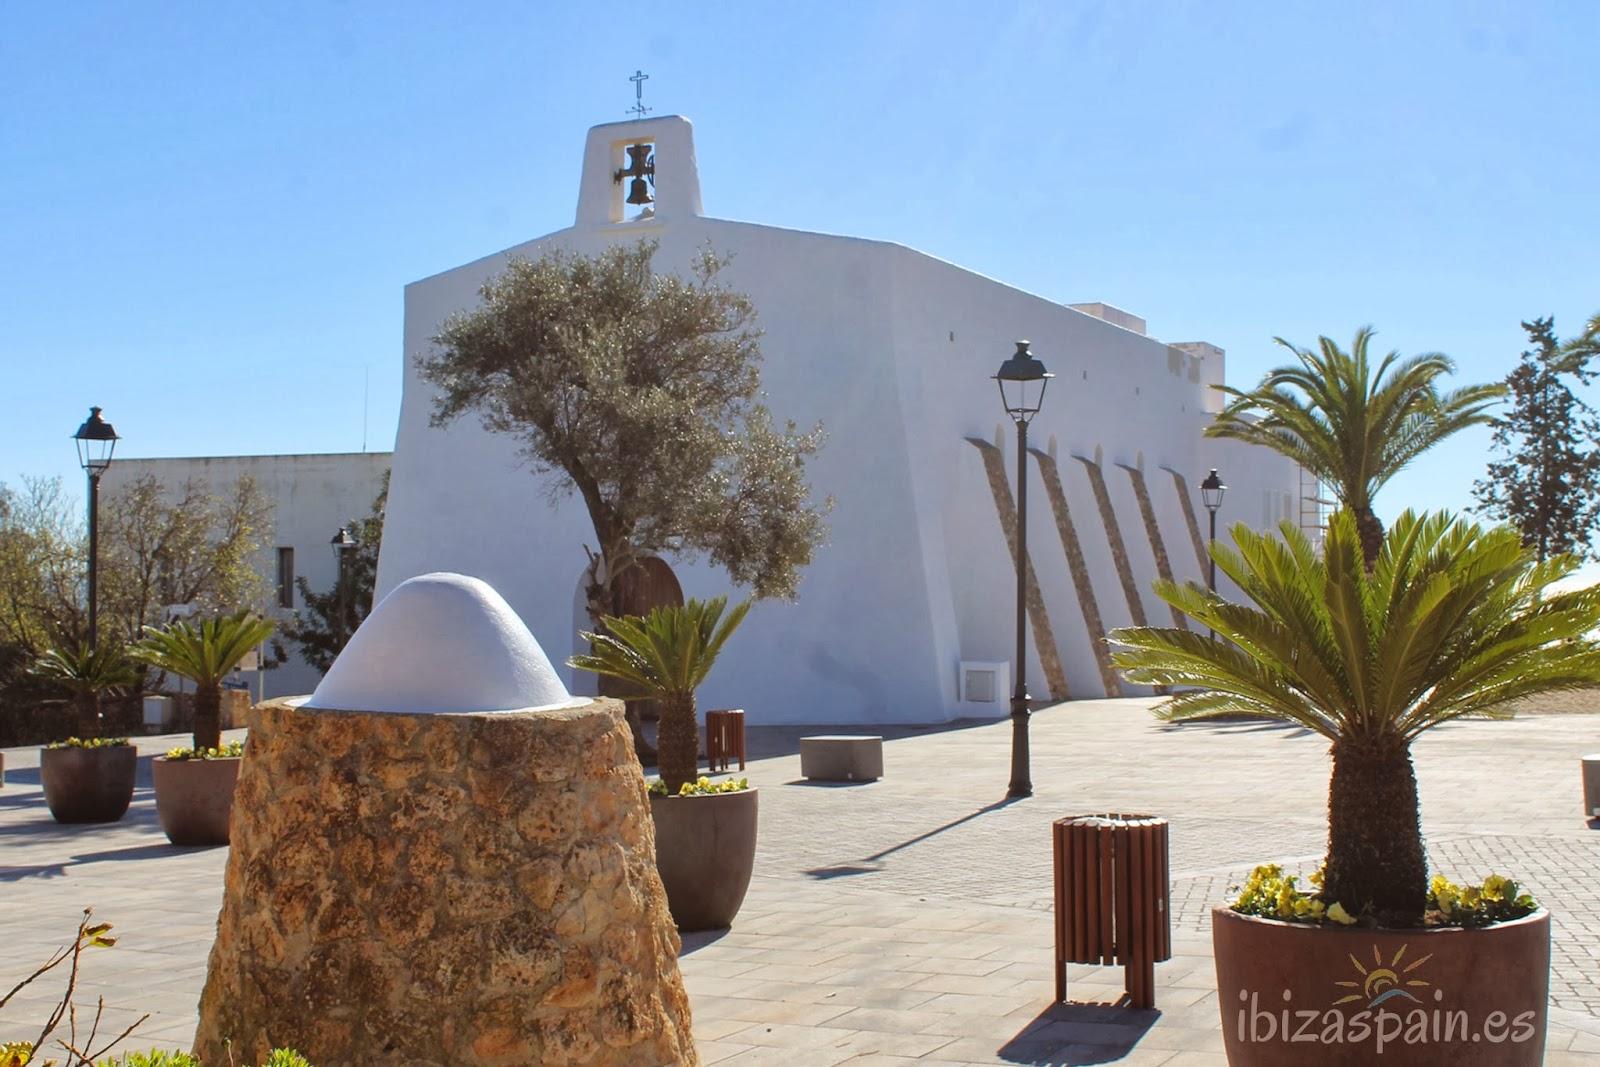 Iglesia de Es Cubells Ⓒ IbizaSpain.es